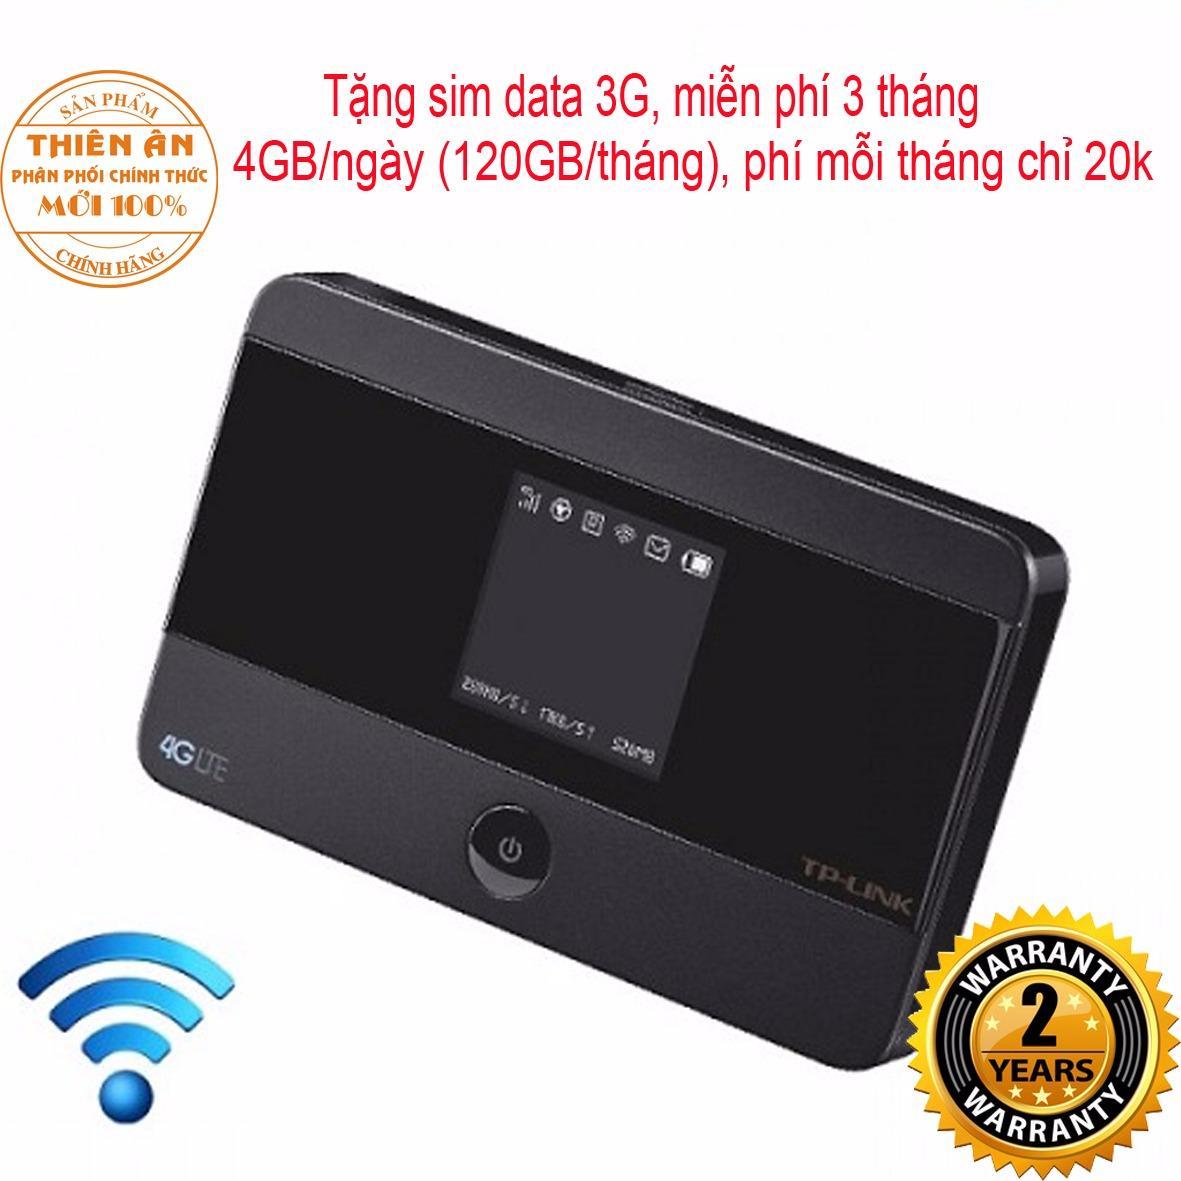 Mua Thiết Bị Phat Wifi Di Động 3G 4G Tp Link M7350 Tặng Sim Data 3G Miễn Phi 3 Thang Rẻ Vietnam